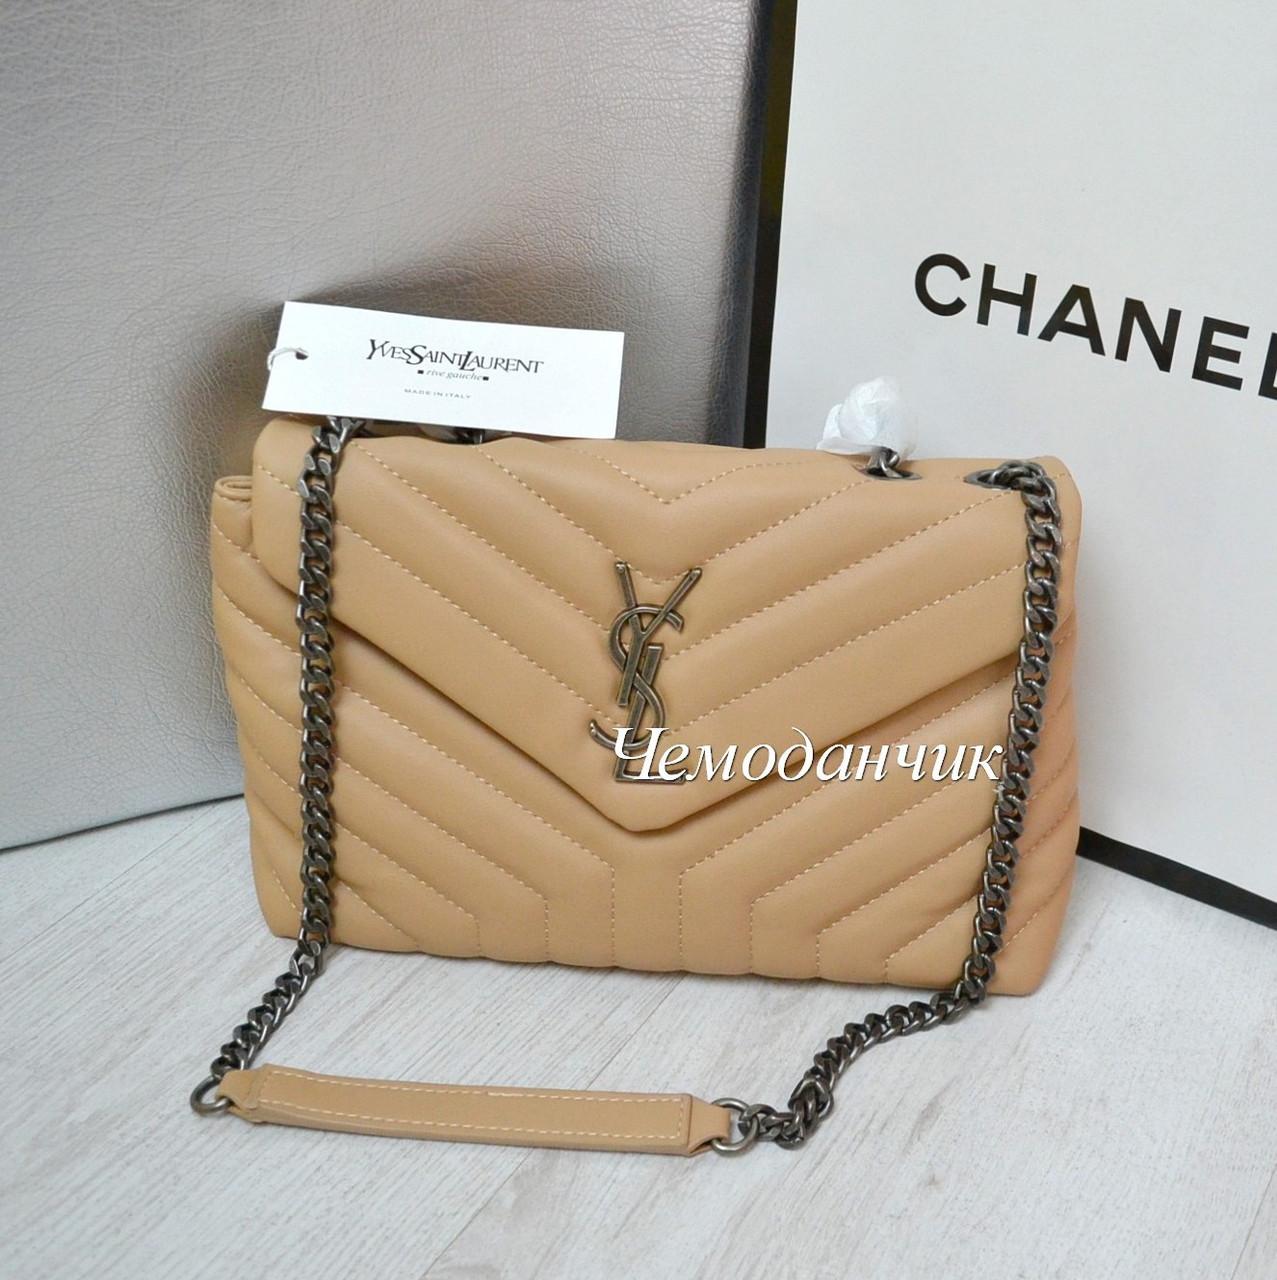 96b0f493562f Сумка Yves Saint Lauent Ив Сен Лоран 9 в расцветках - ЧЕМОДАНЧИК - самые  красивые сумочки